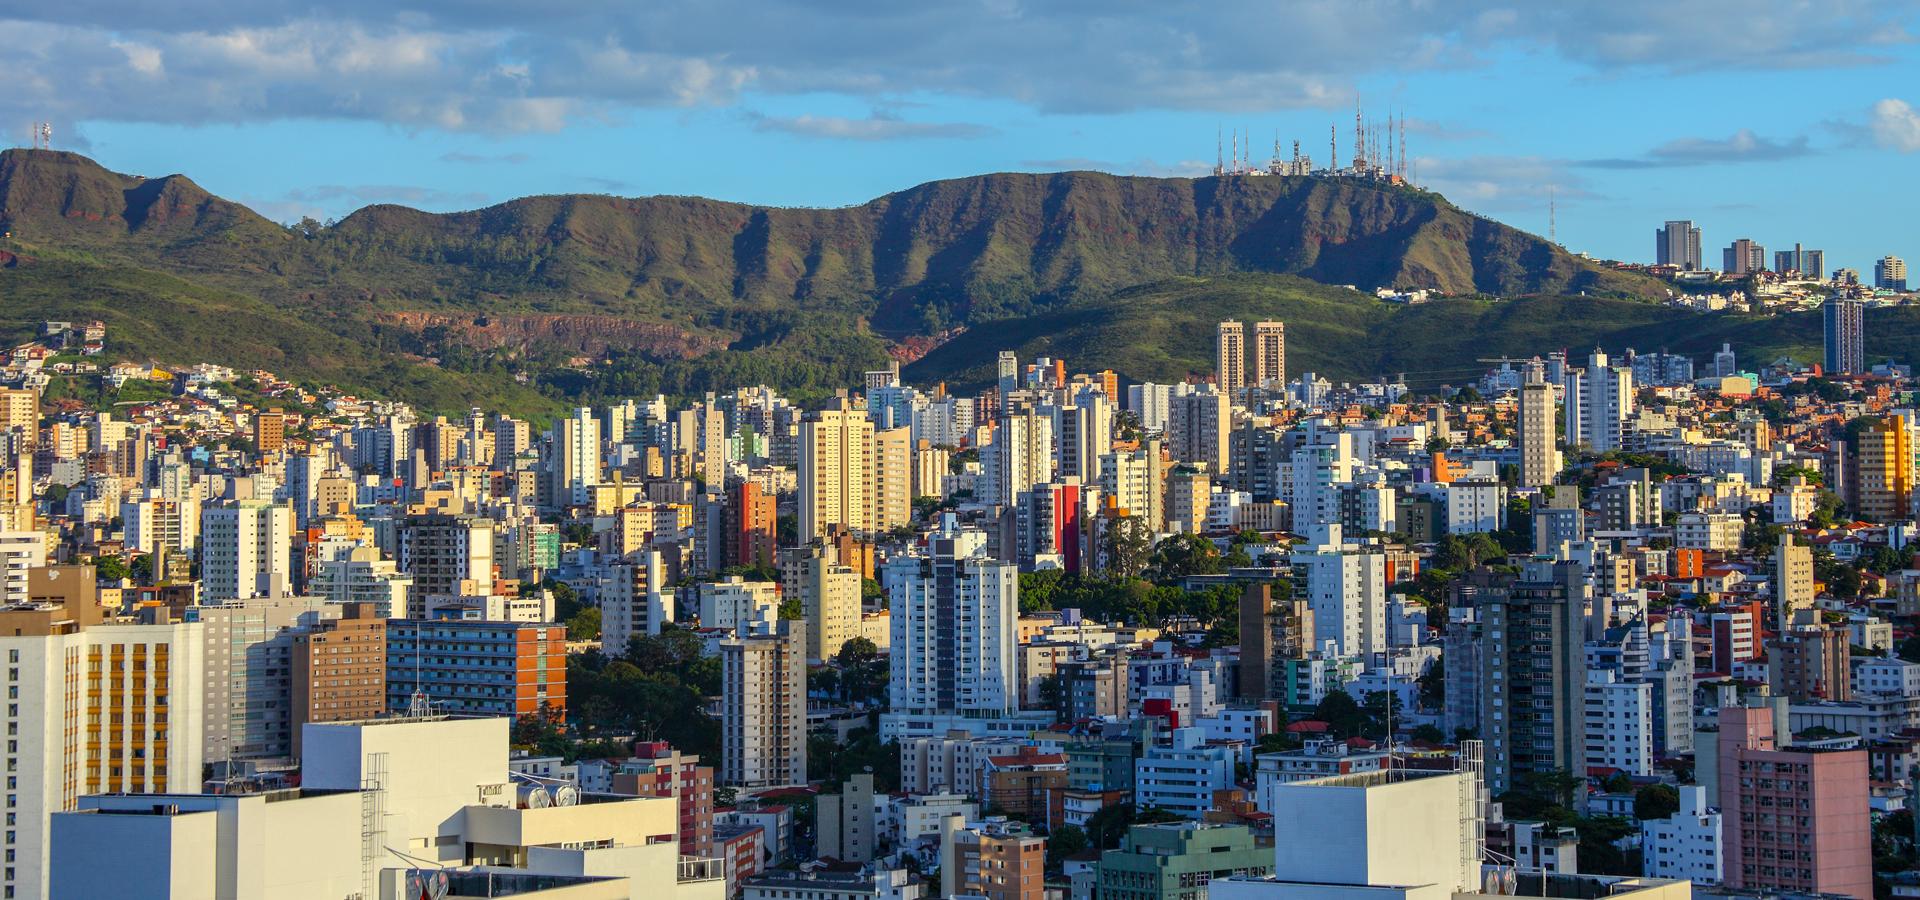 <b>America/Sao_Paulo/Minas_Gerais</b>